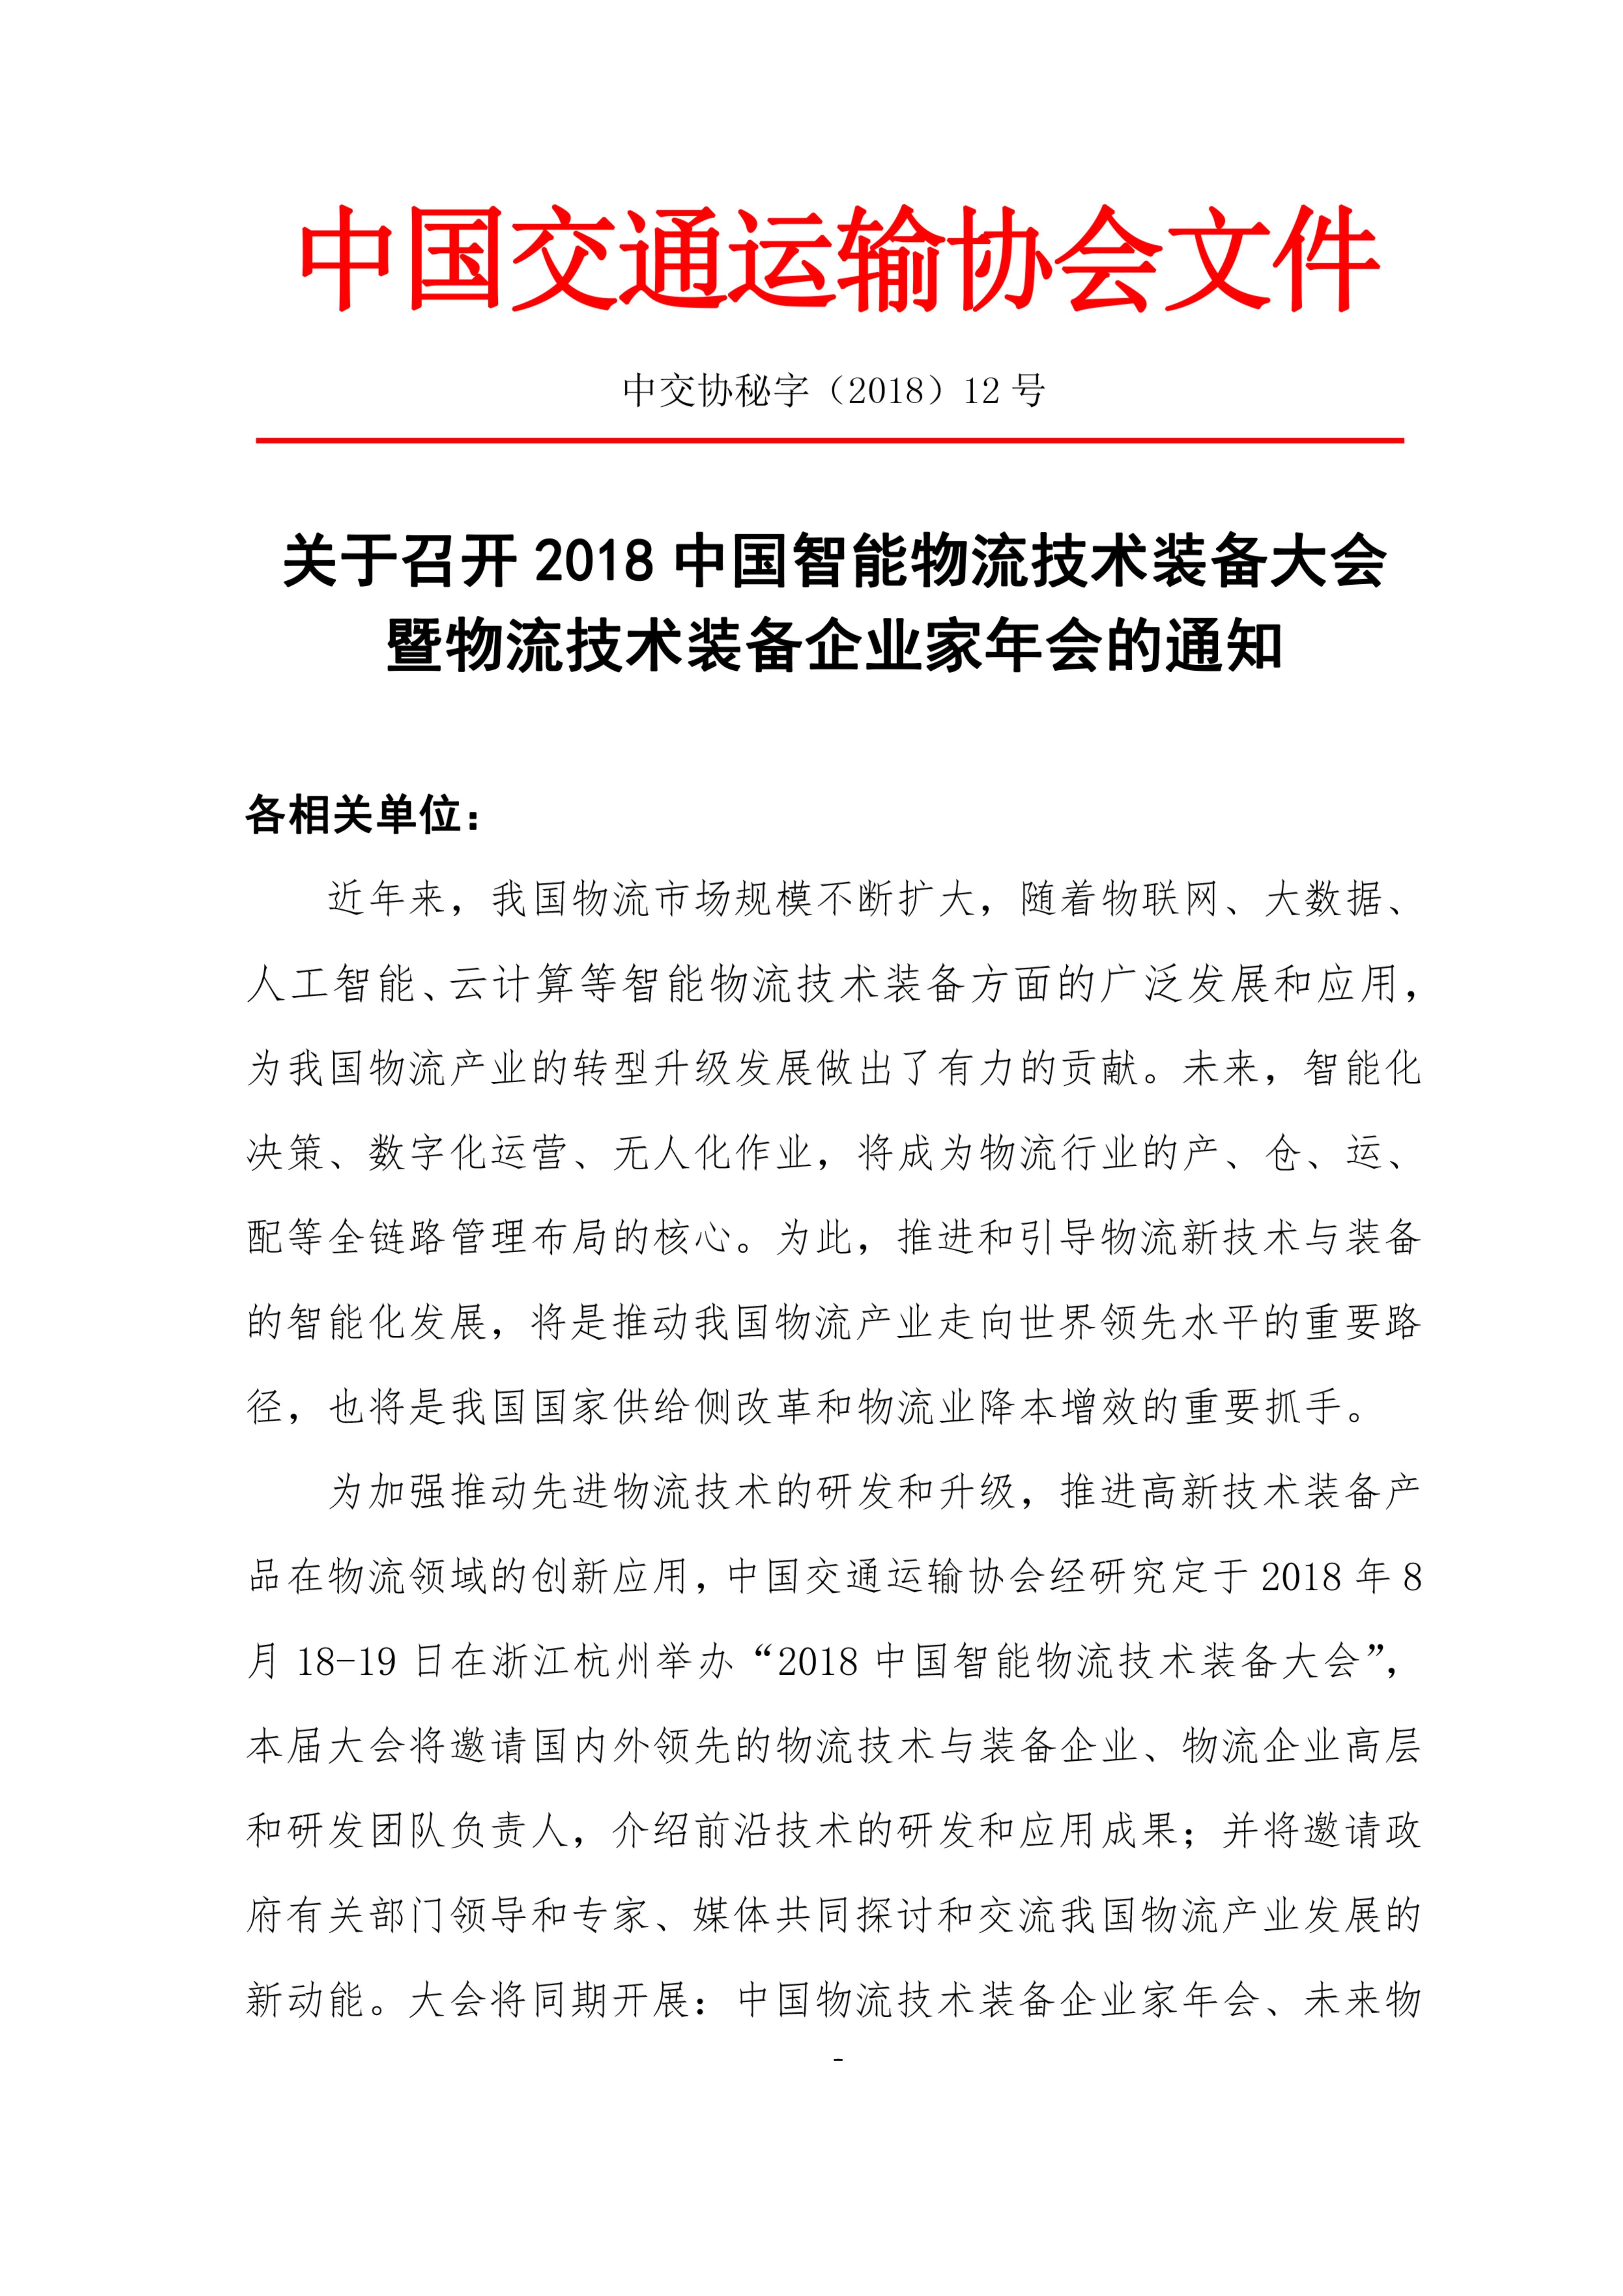 2018-中国智能物流技术装备大会暨物流技术装备企业家年会文件